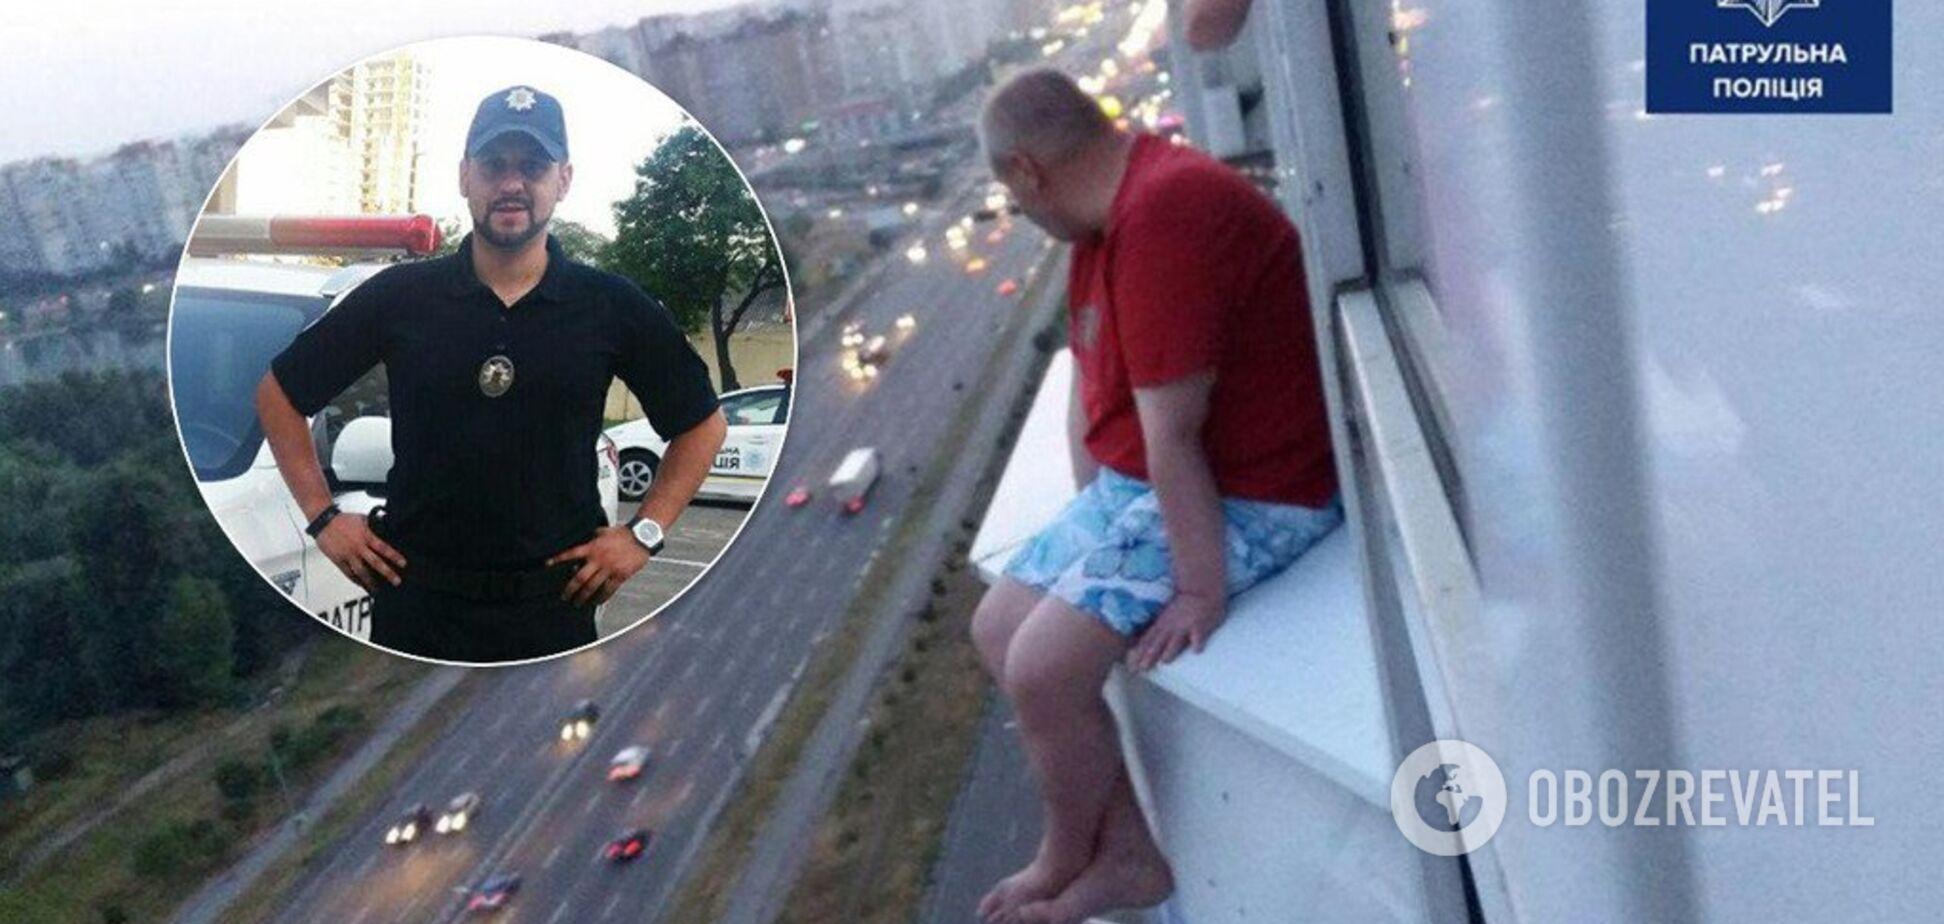 У Києві чоловік на17-му поверсі'поставив на вуха' поліцію